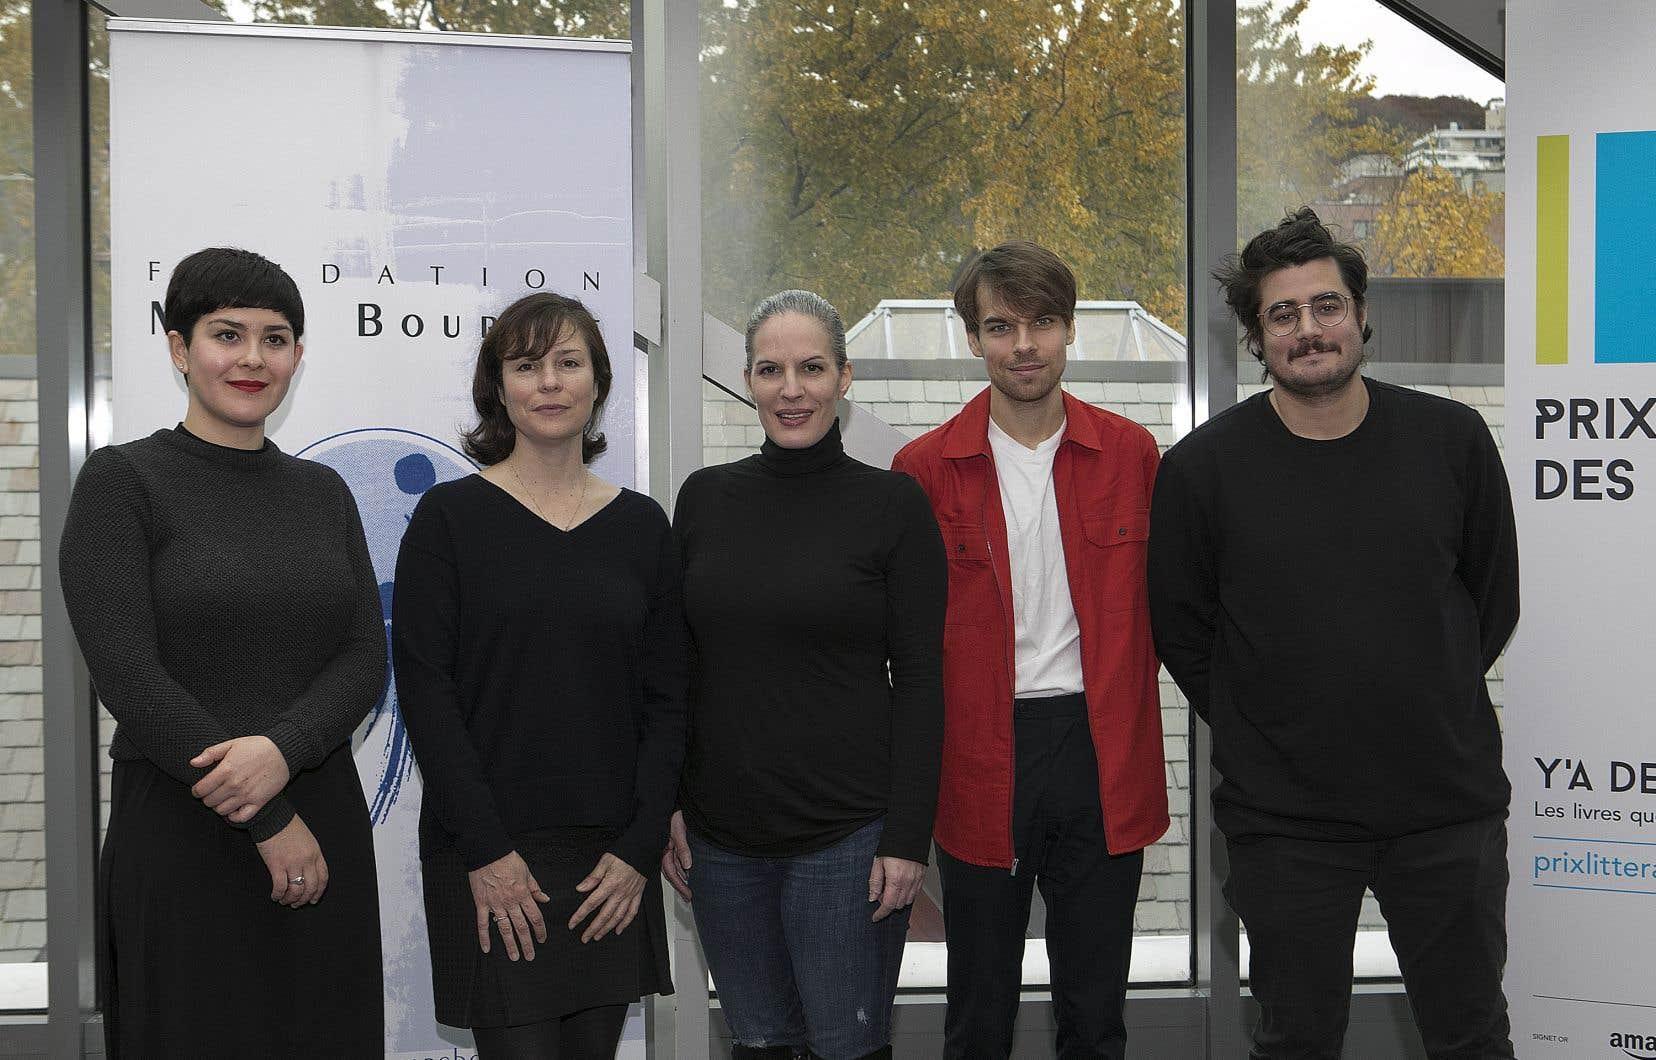 Cette année, les livres finalistes sont <em>Créatures du hasard</em> de Lula Carballo (Le cheval d'août), <em>Les villes de papier</em> de Dominique Fortier (Alto), <em>De synthèse</em> de Karoline Georges (Alto), <em>Querelle de Roberval</em> de Kevin Lambert (Héliotrope), <em>Ce qu'on respire sur Tatouine</em> de Jean-Christophe Réhel (Del Busso).